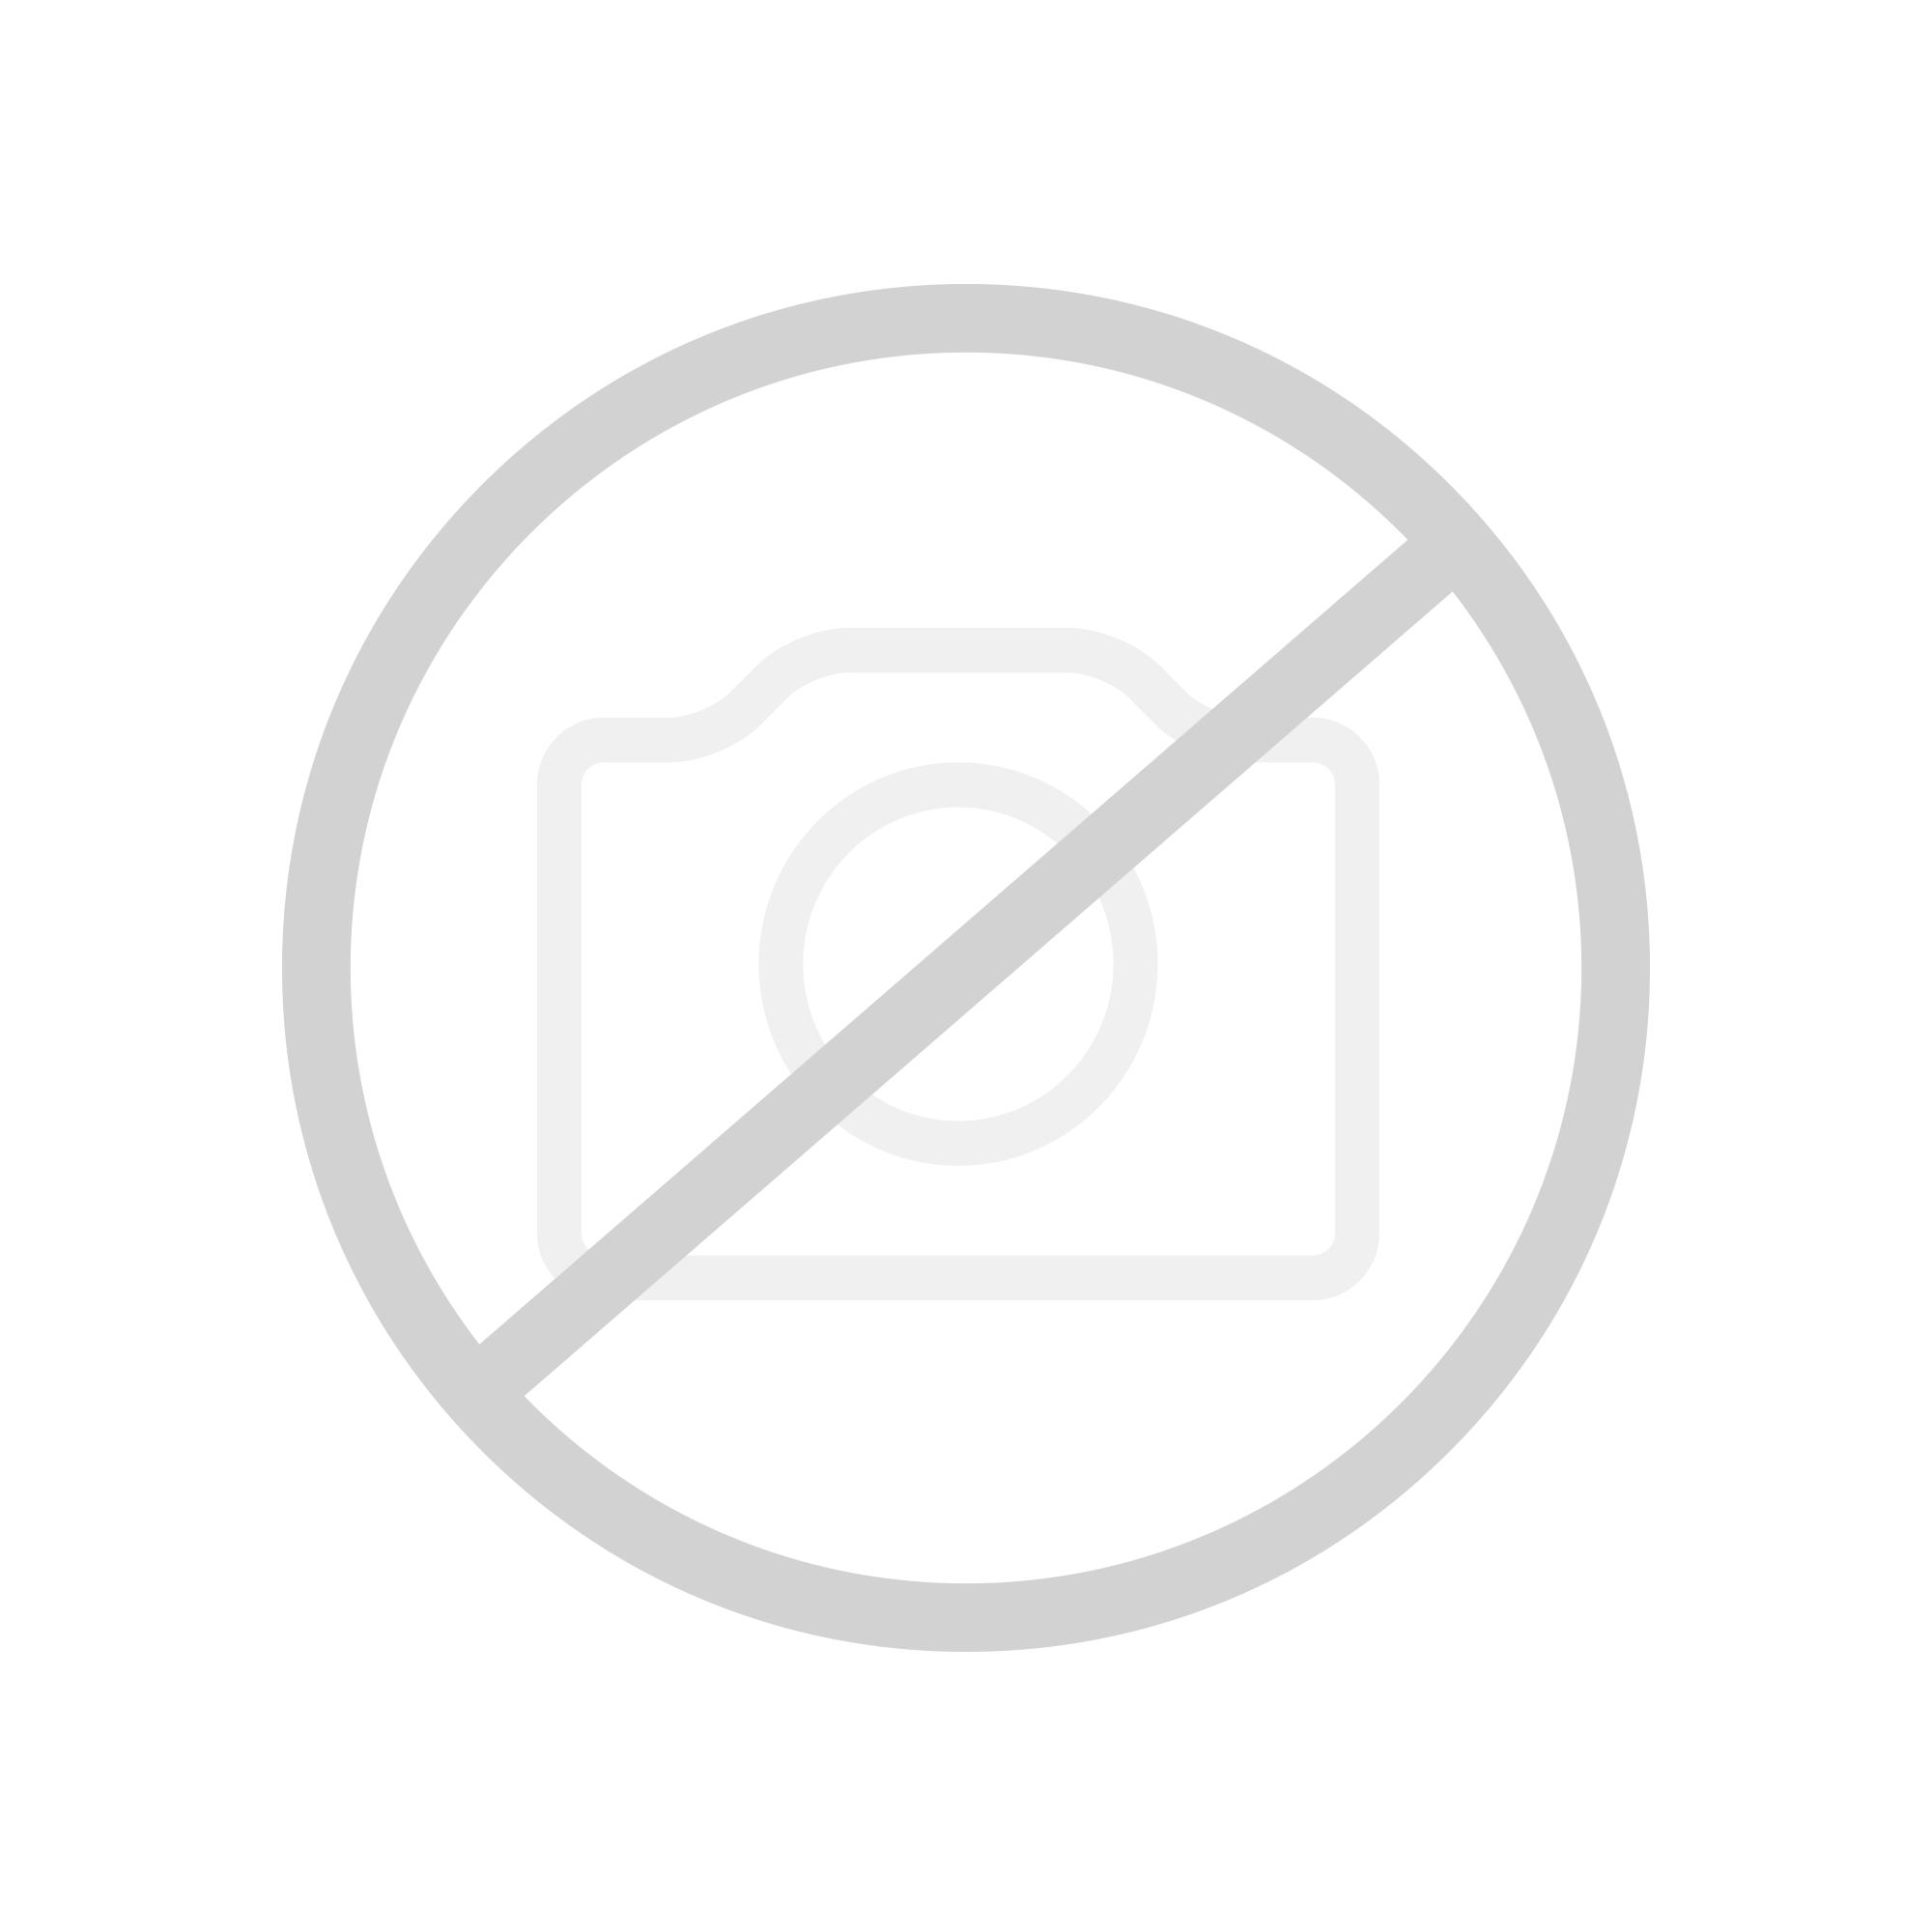 Dornbracht Tara Classic Spültisch-Einhebelmischer zur Kombination mit Brausegarnitur chrom